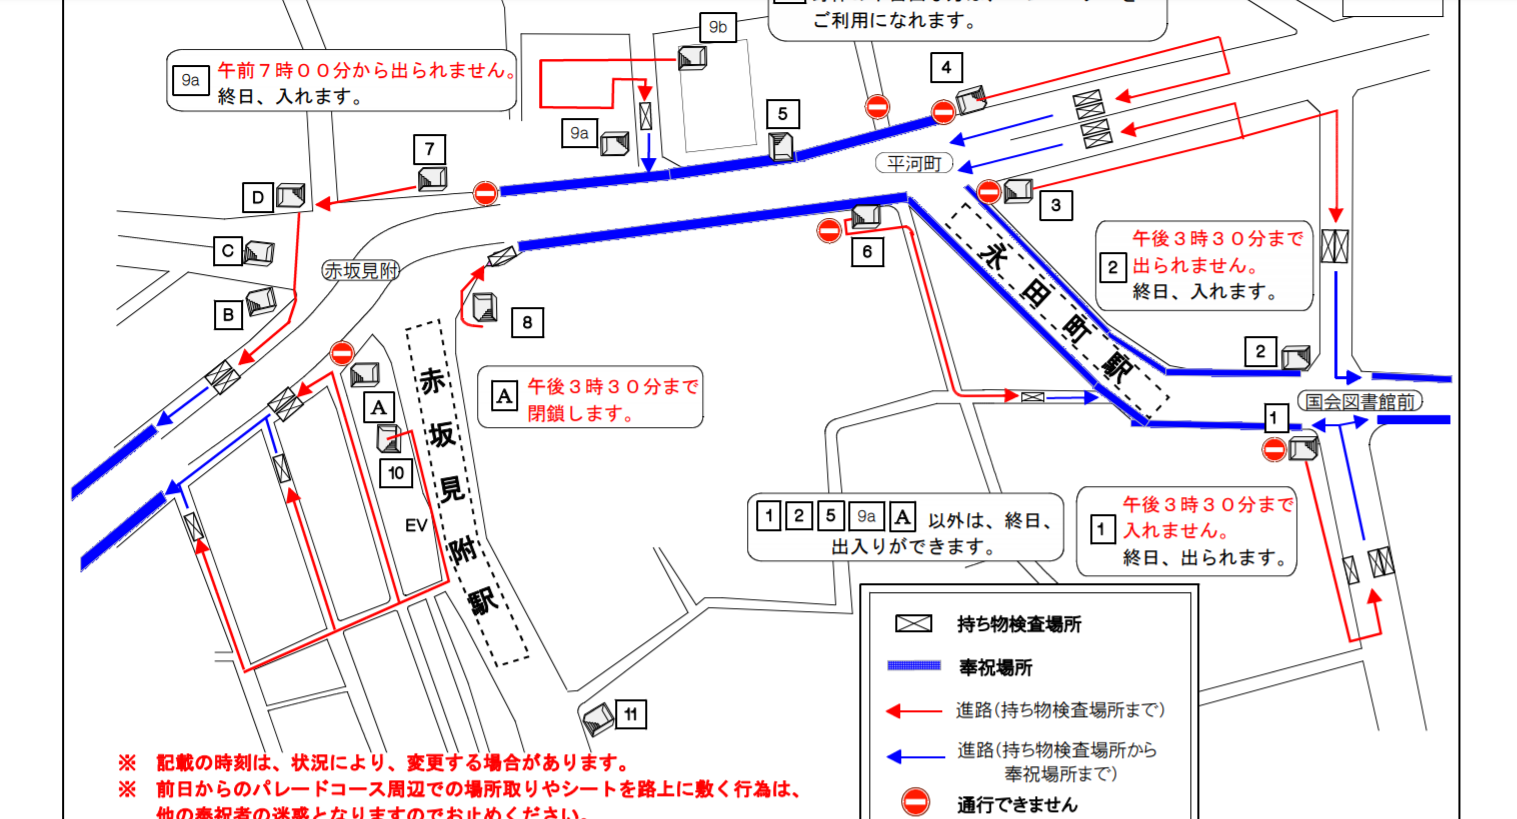 永田町駅・赤坂見附駅の規制